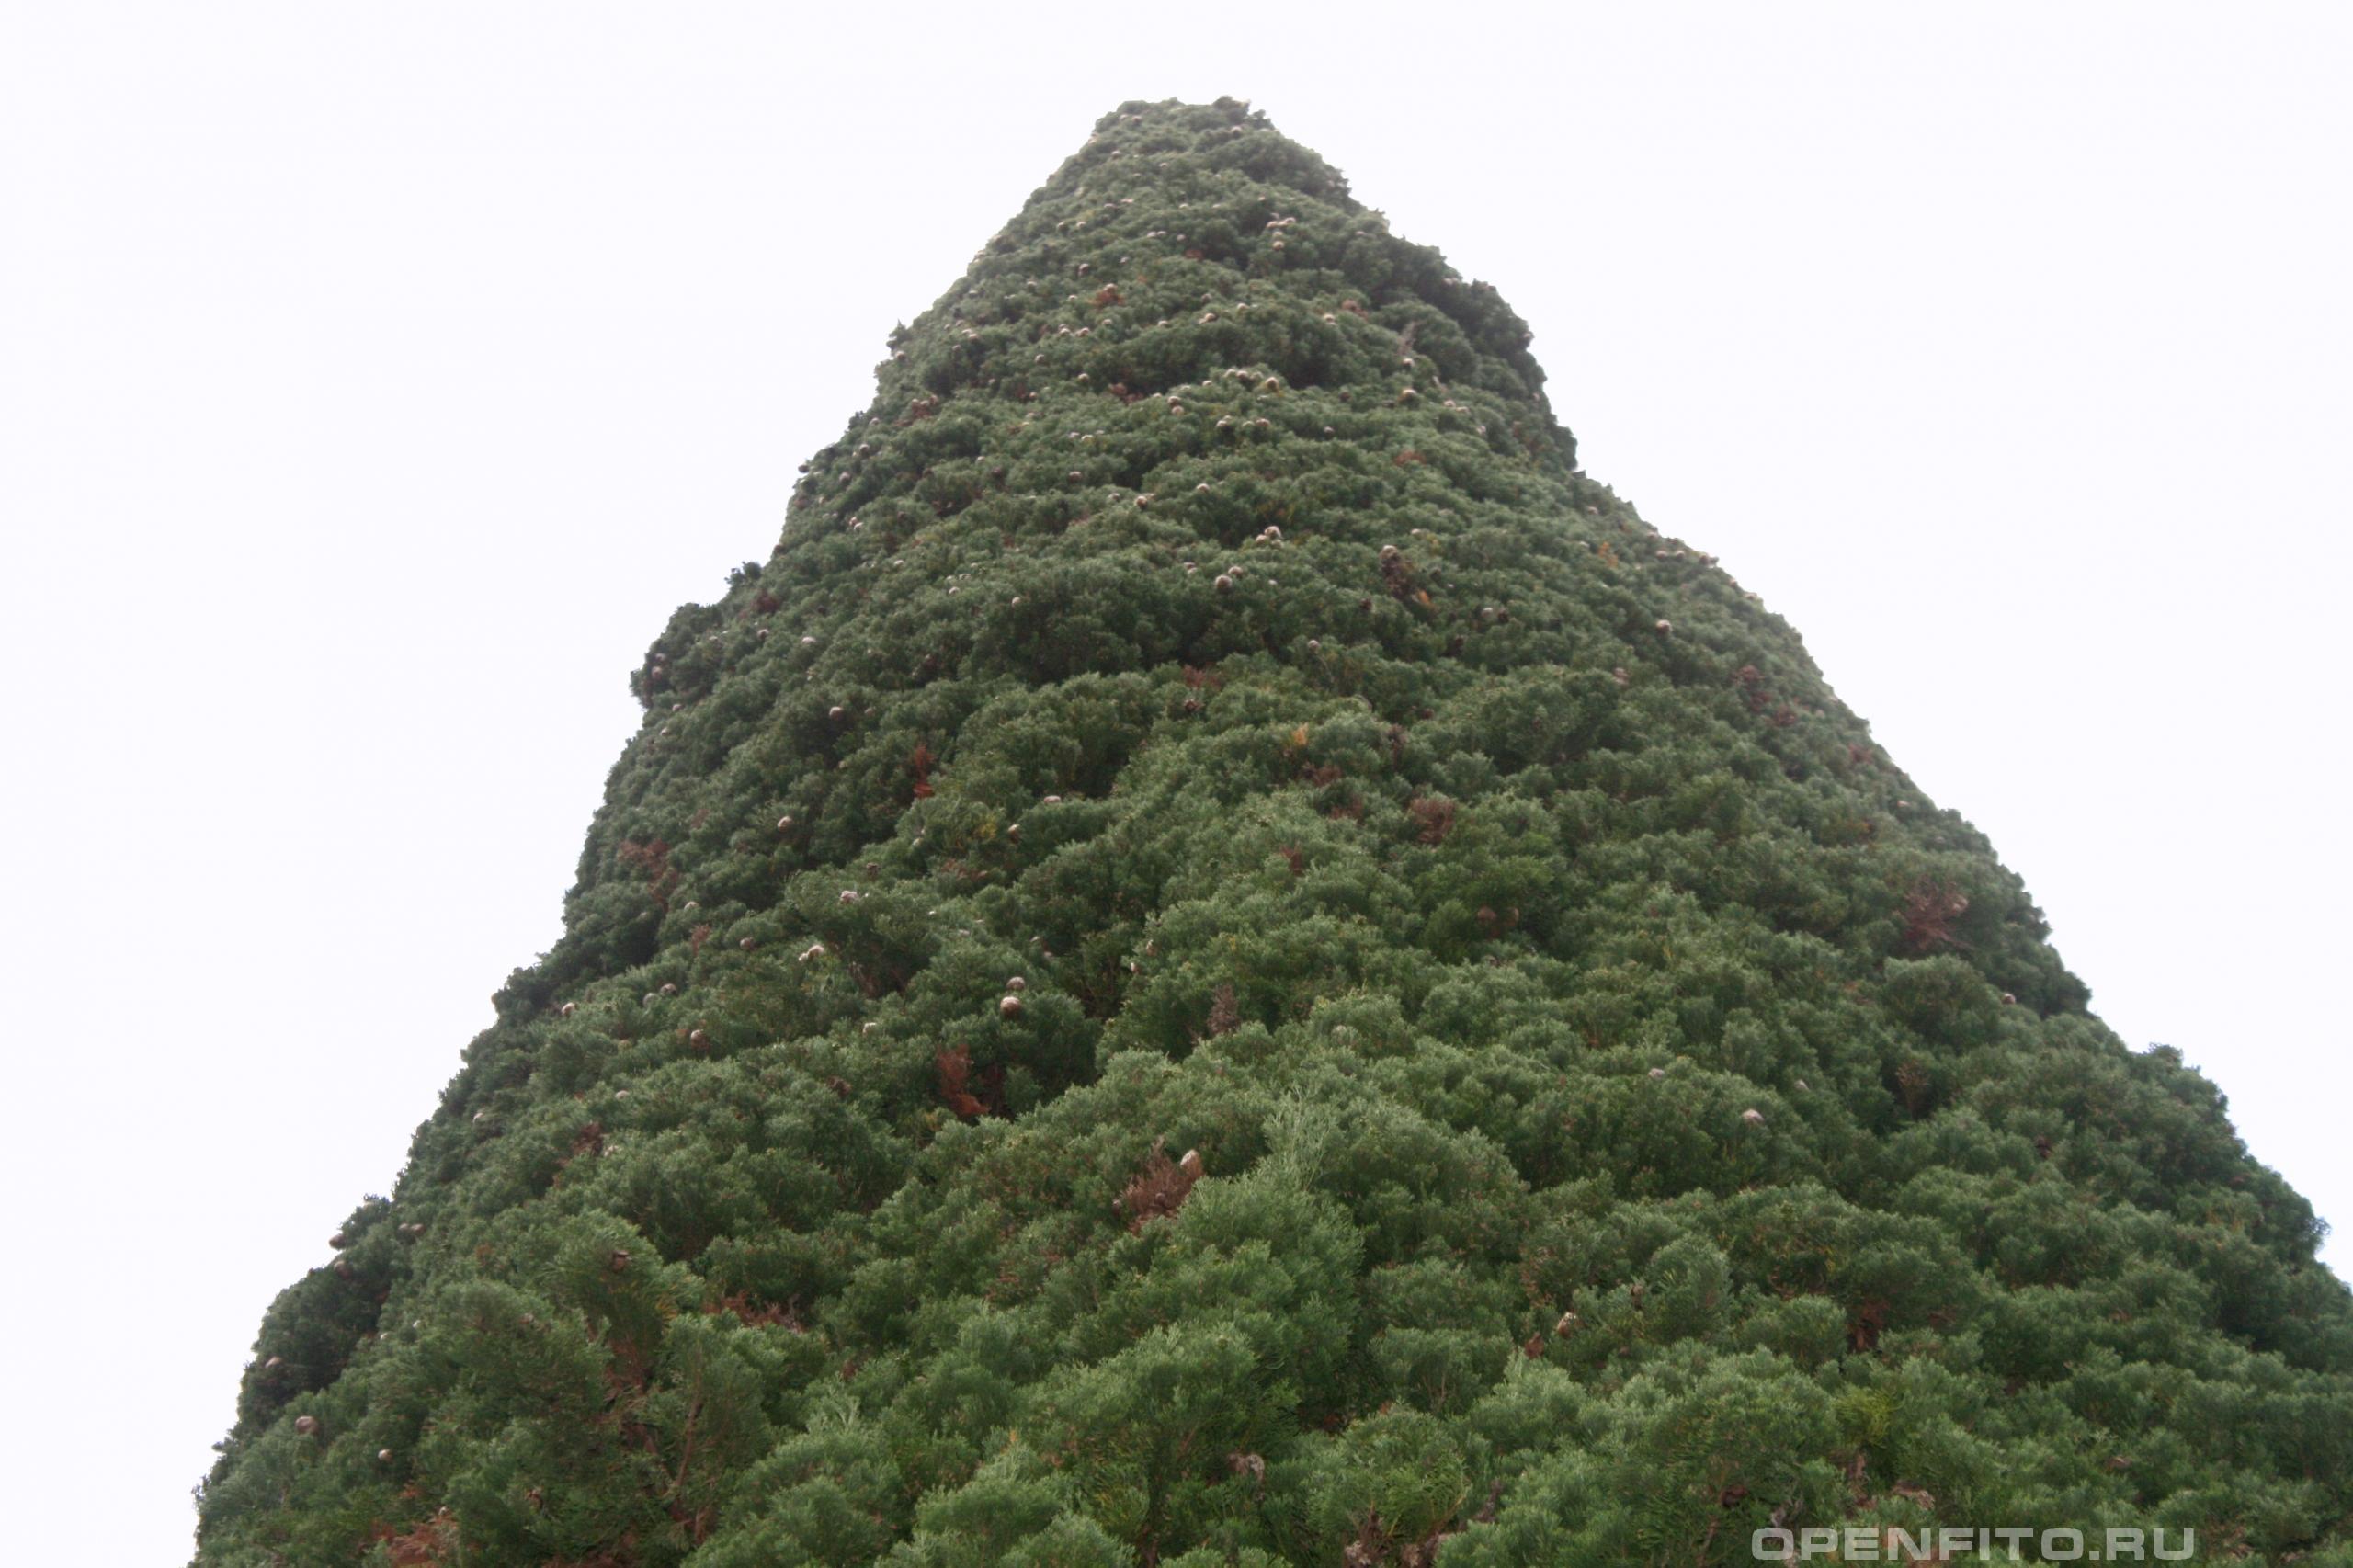 Кипарис вечнозеленый старое дерево